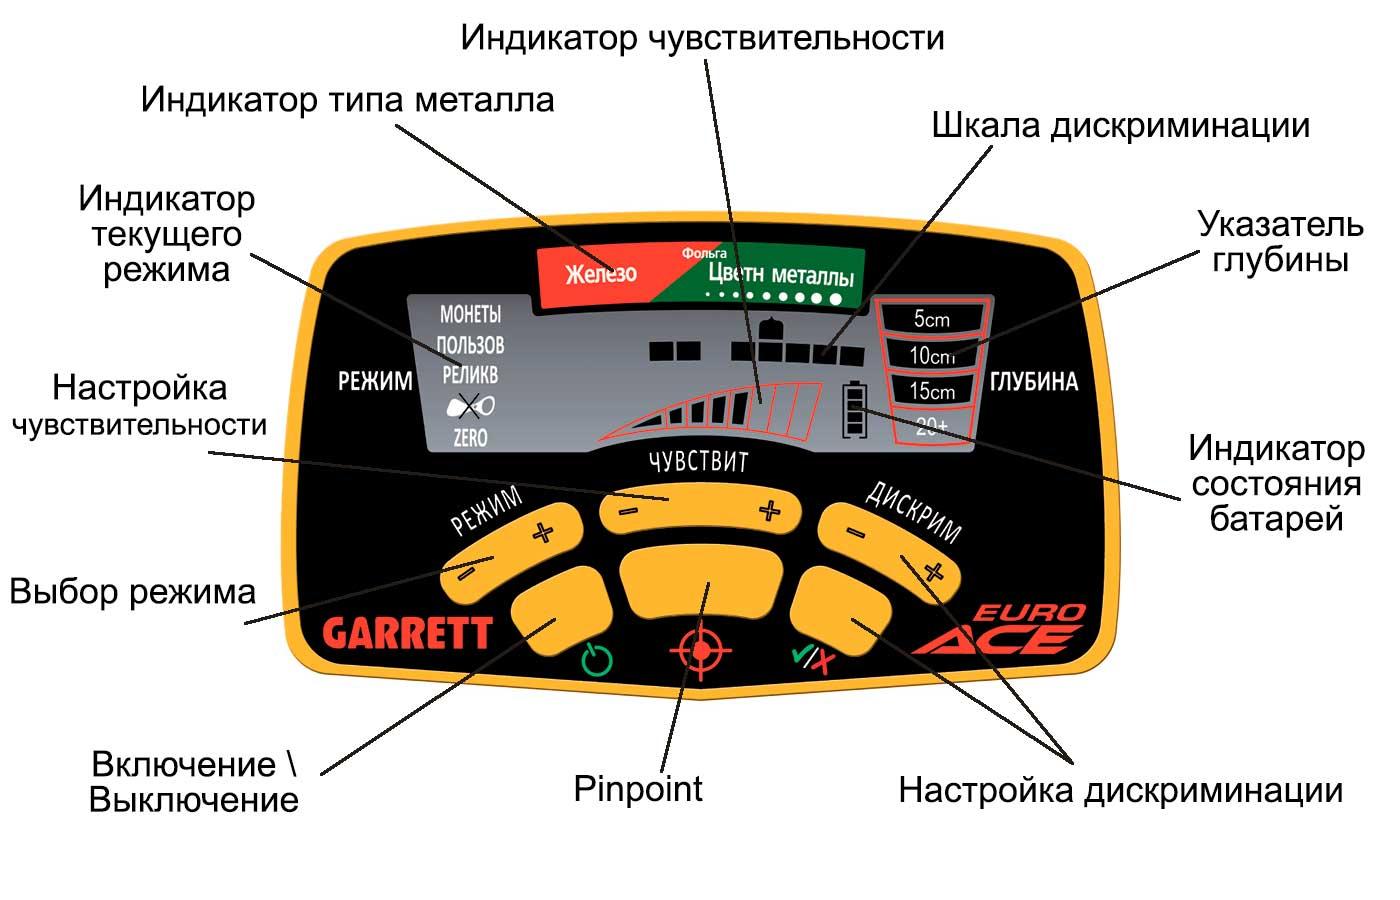 Эрант металлоискателя Garret ACE 350 Euro